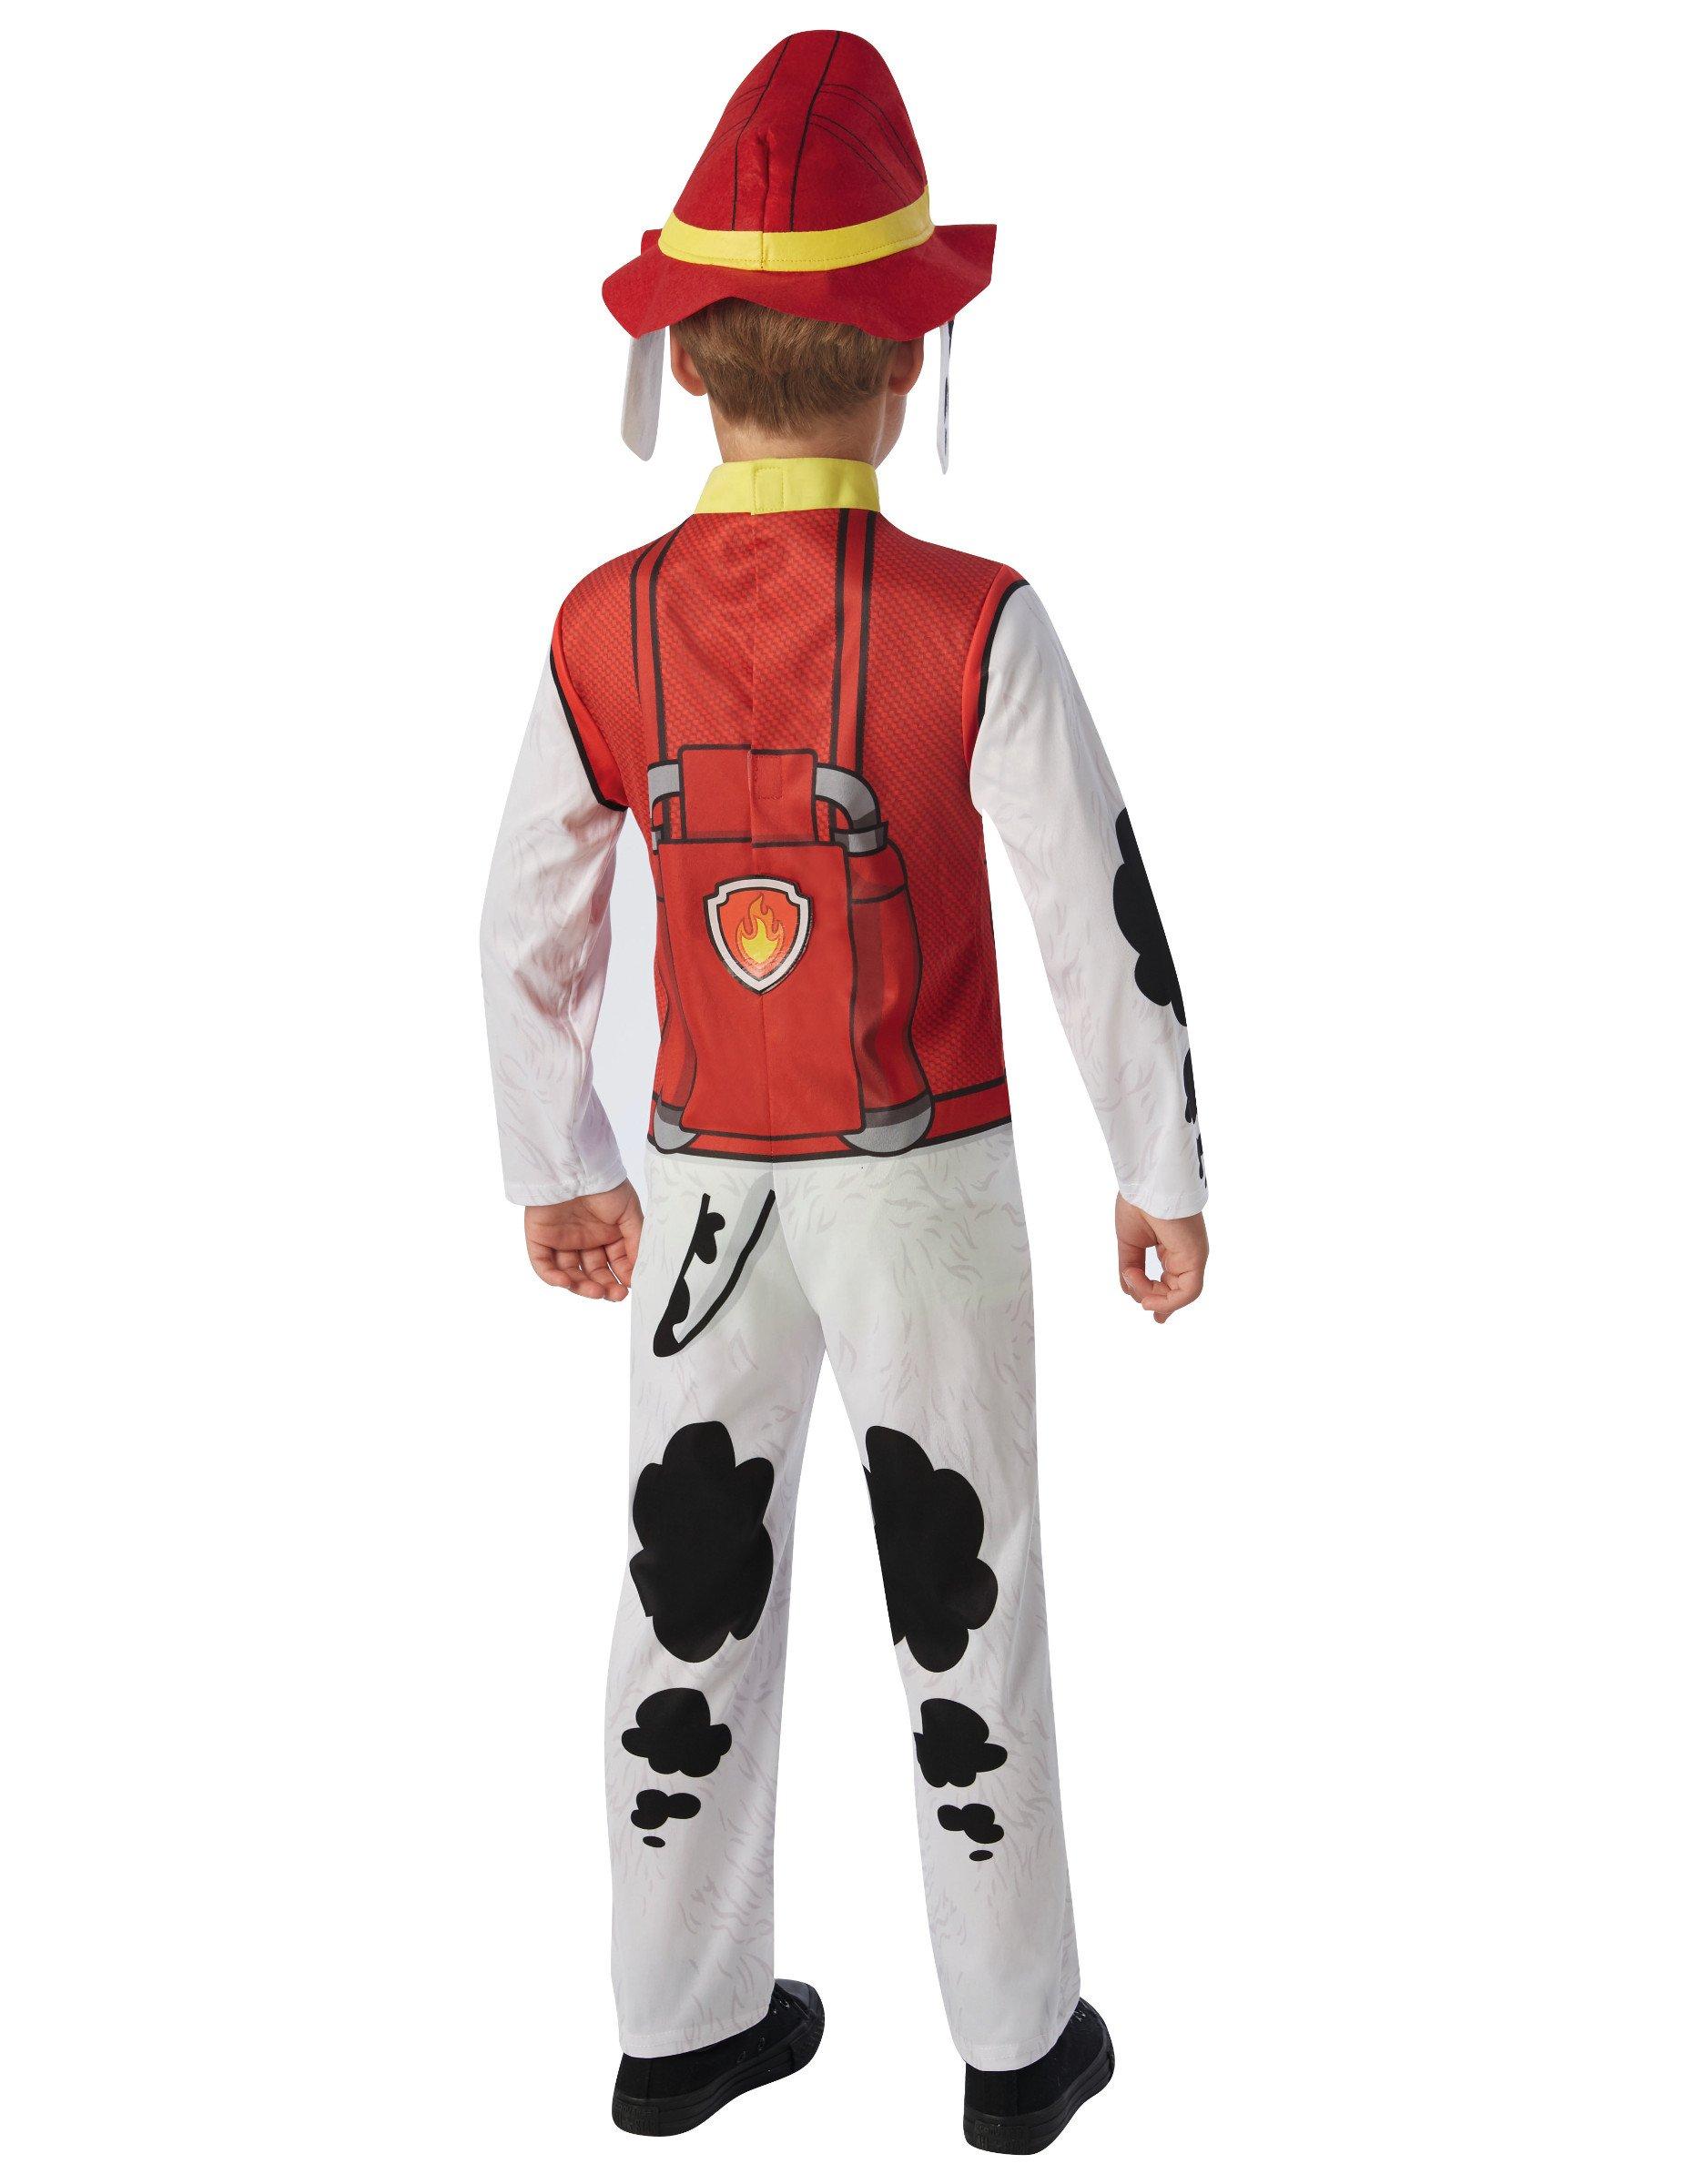 6d12b991e135 Costume di Marshall Paw patrol™: Costumi bambini,e vestiti di ...